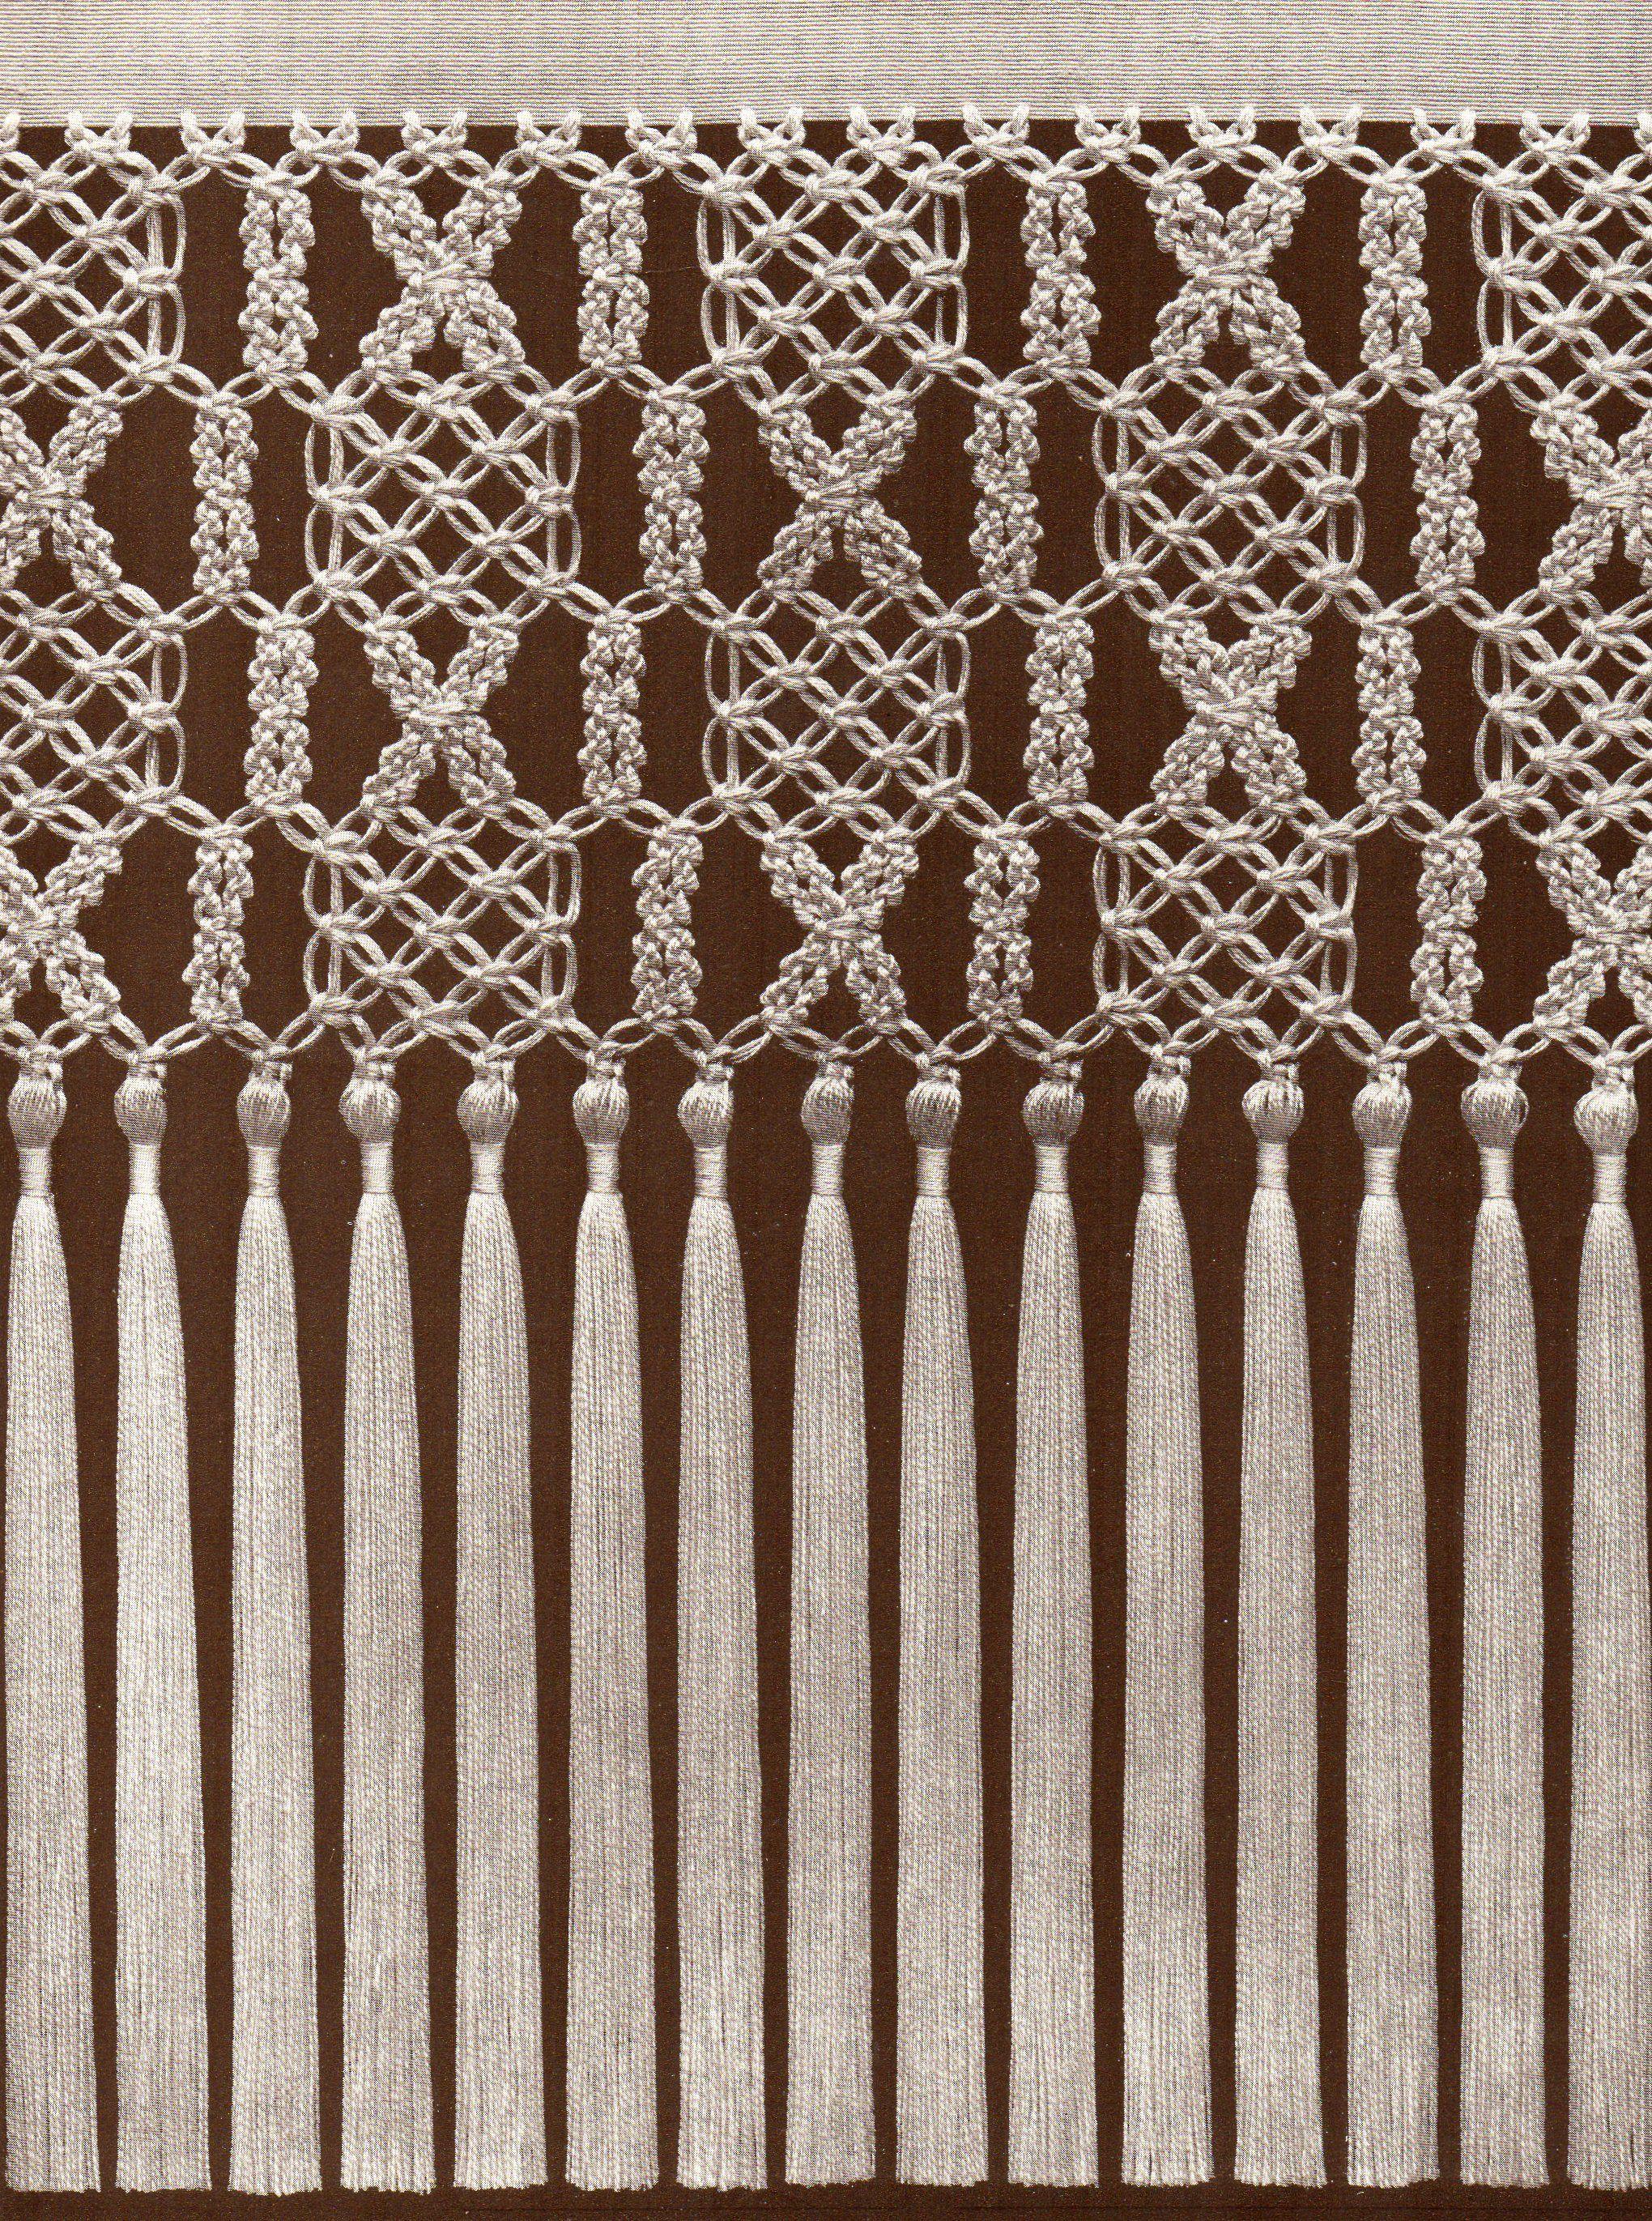 pin von alisa tischler auf makrame und wand deko pinterest knoten w nde und handarbeiten. Black Bedroom Furniture Sets. Home Design Ideas